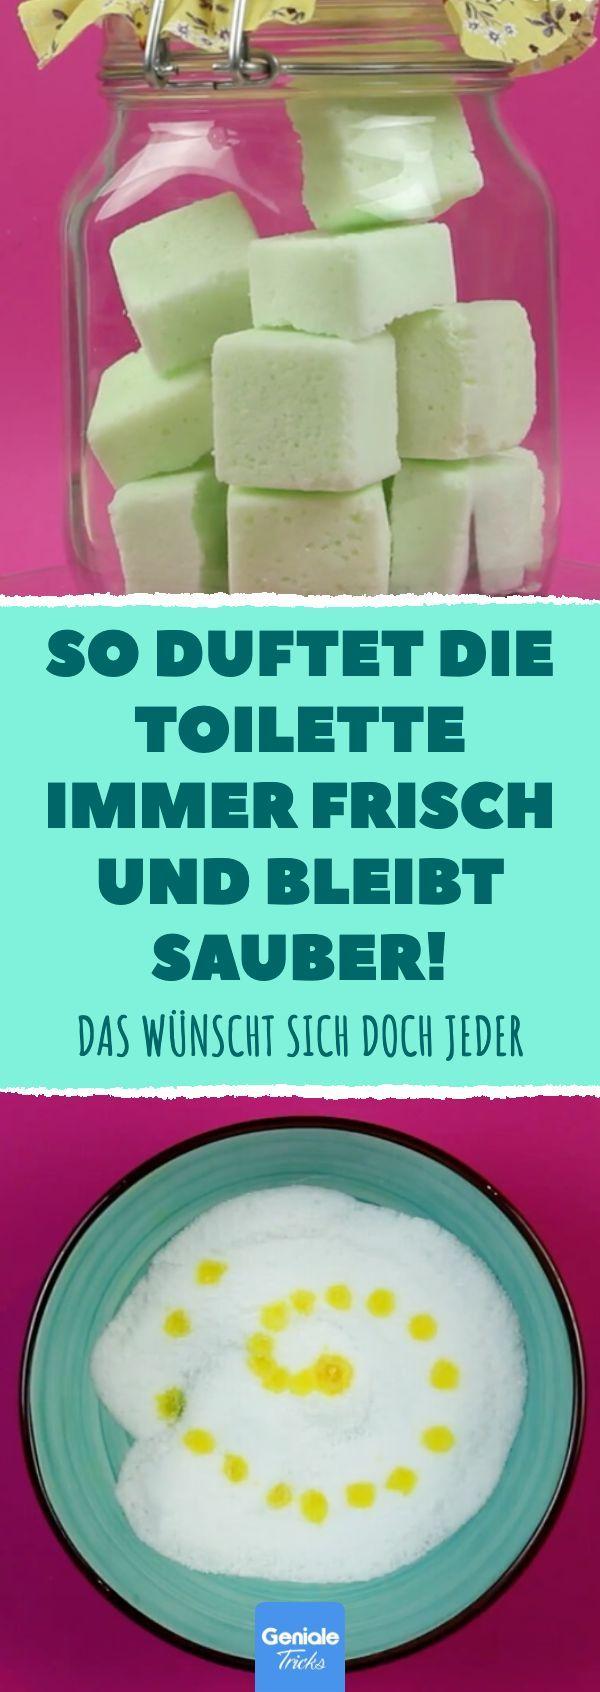 So einfach machst du dir deine eigenen Tabs für eine saubere Toilette #wc #rein